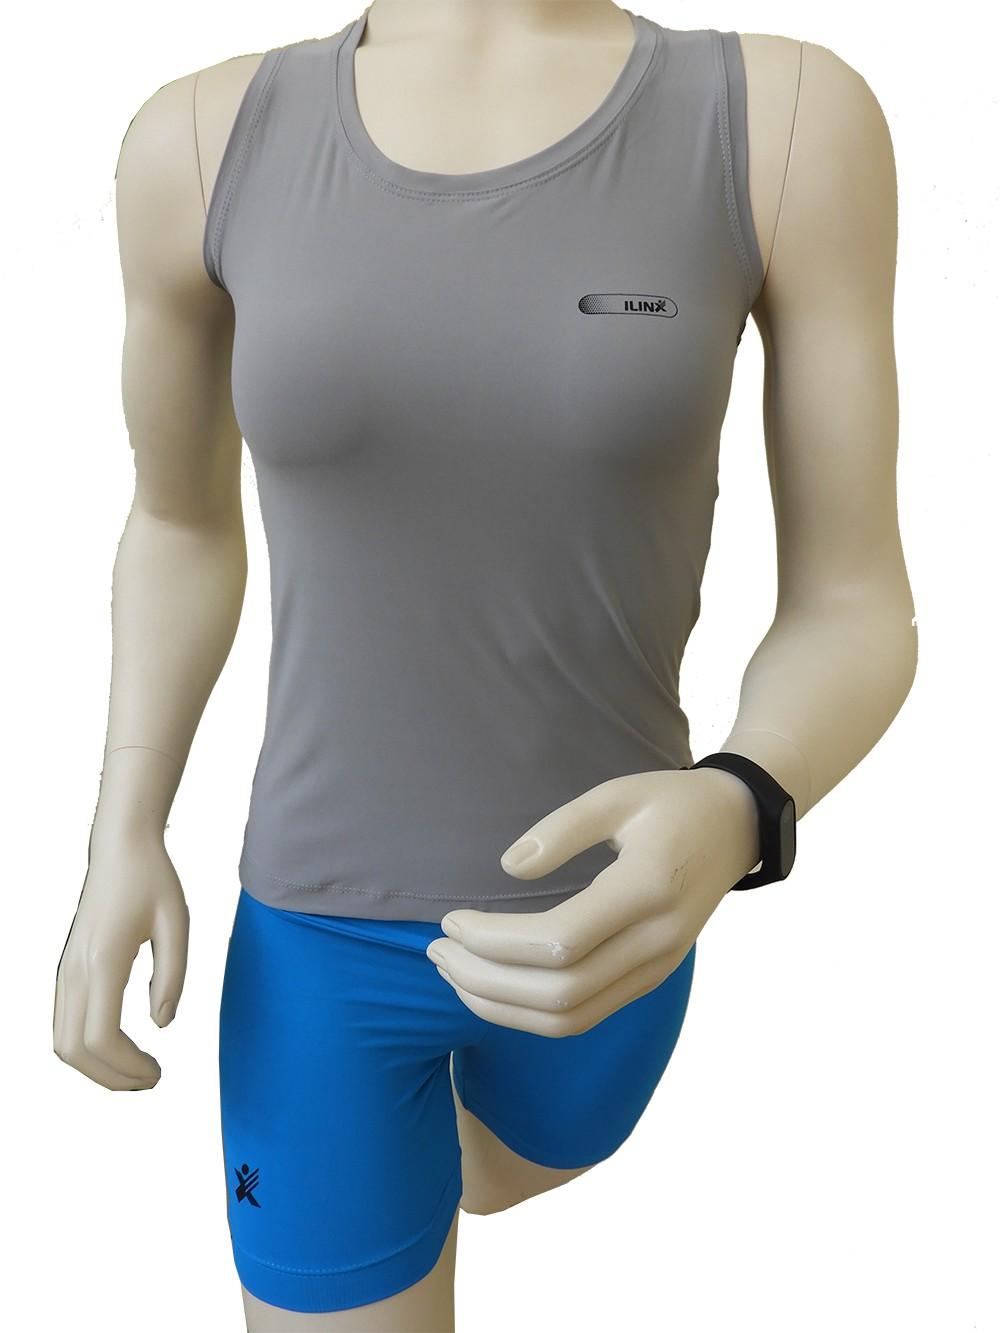 Imagem do produto Regata Nadador ILINX